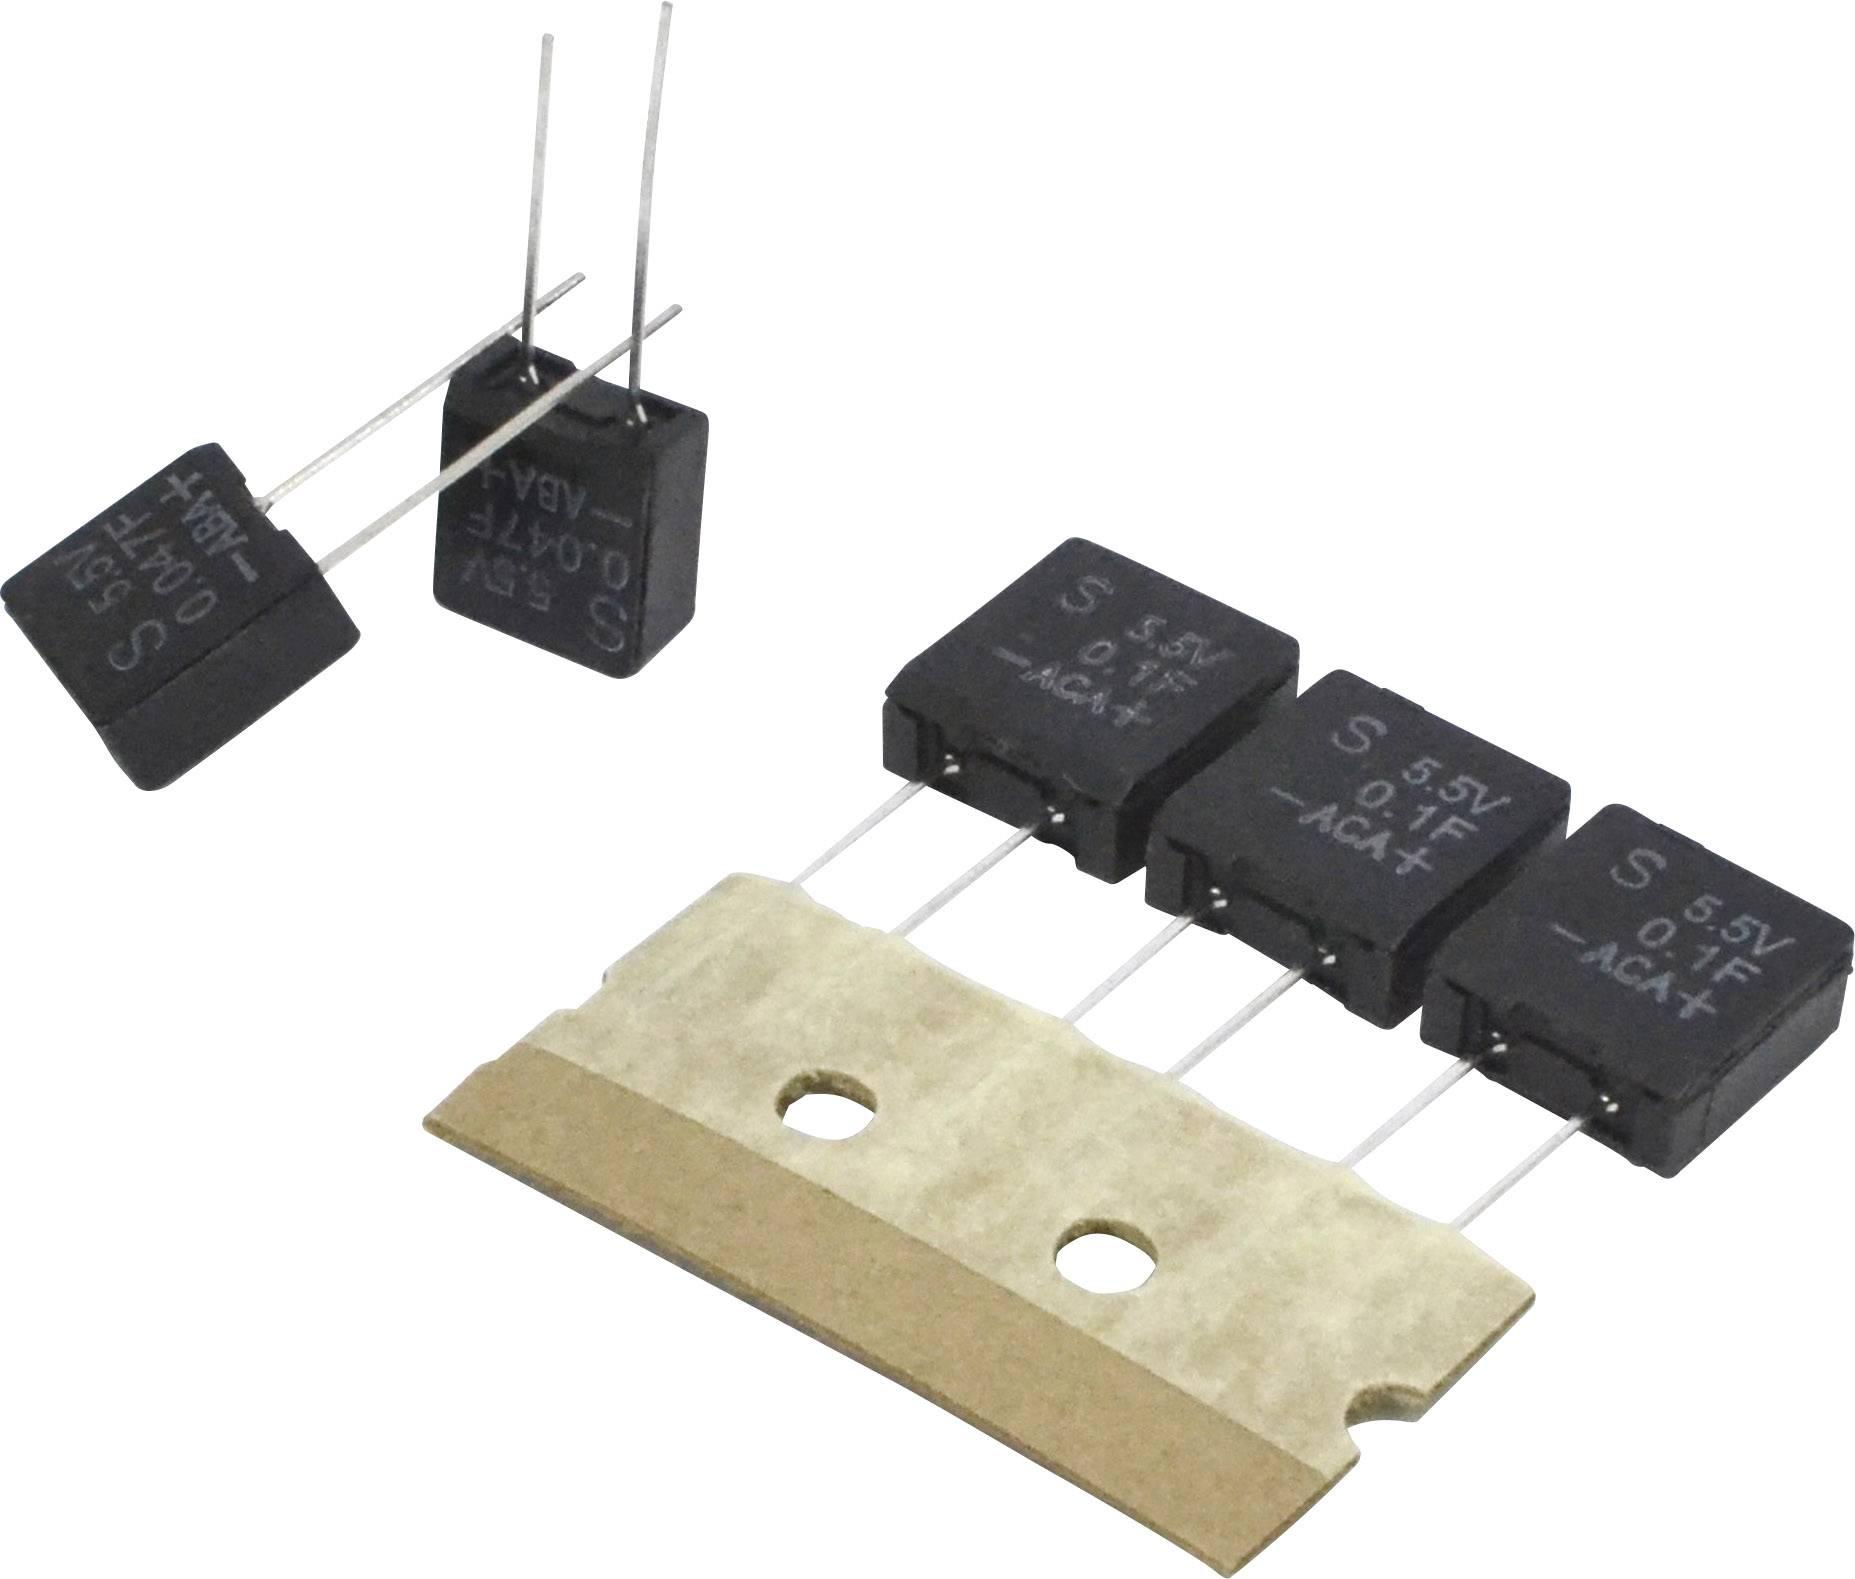 Dvouvrstvý kondenzátor Korchip DA5R5473VF, 0.047 F, 5.5 V, (d x š x v) 5.0 x 9.5 x 10.5 mm, 1 ks